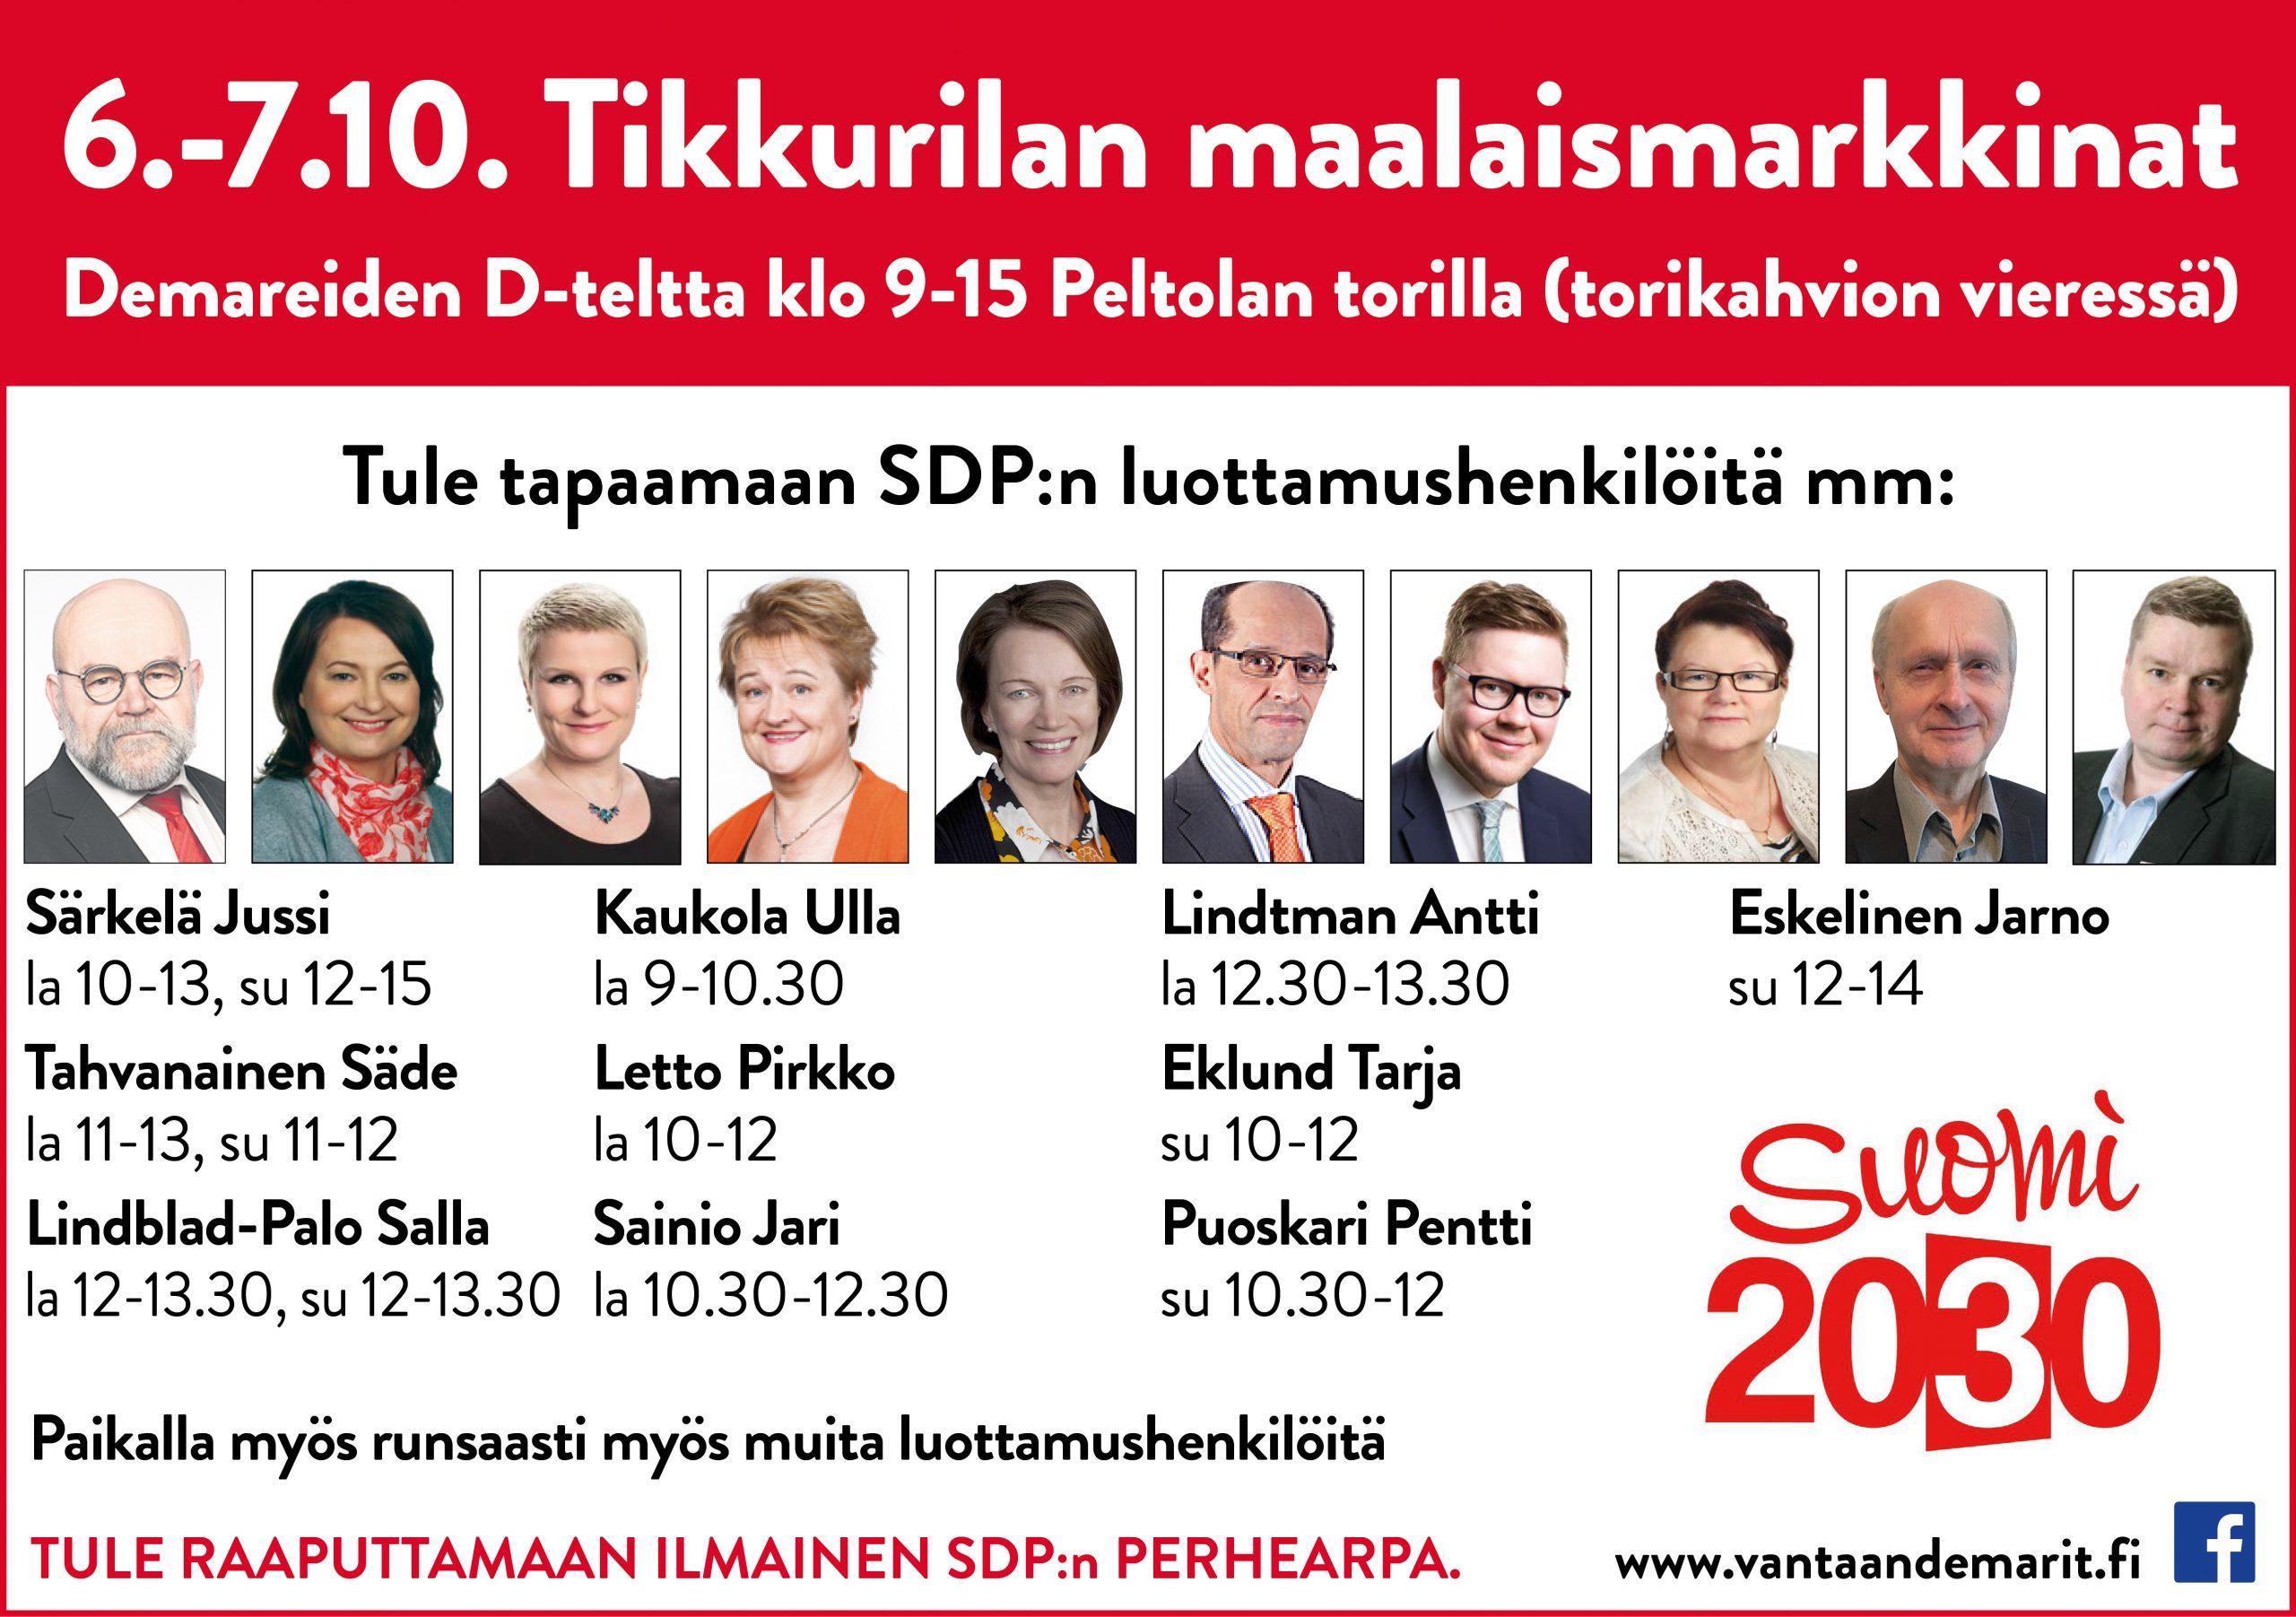 Eduskuntavaaliehdokkaat 2021 Satakunta